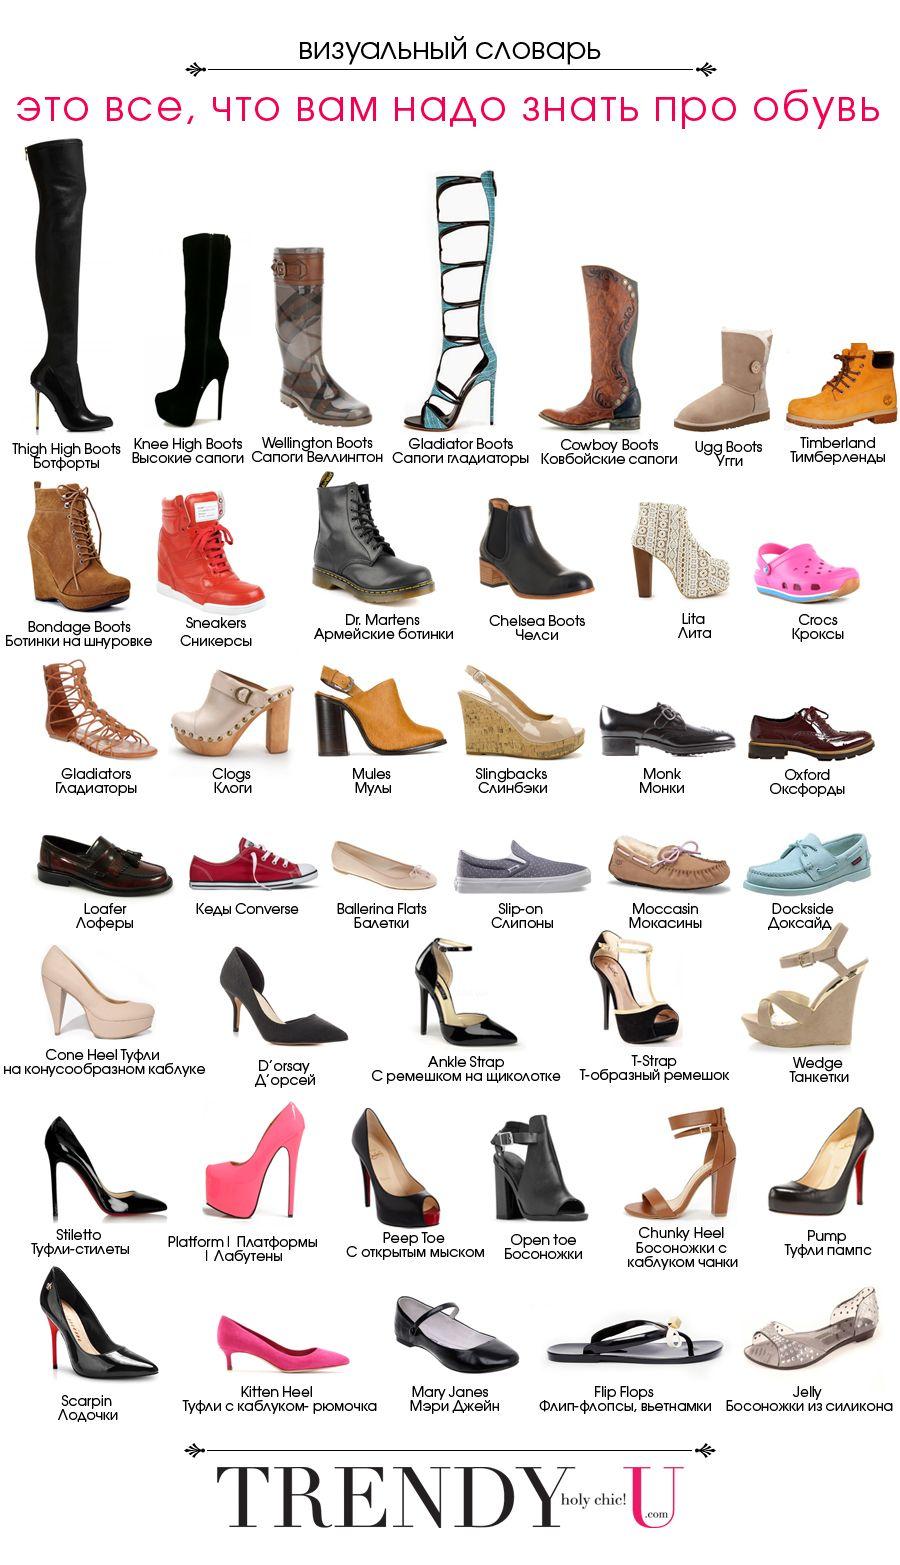 виды обуви женской названия с картинками славится